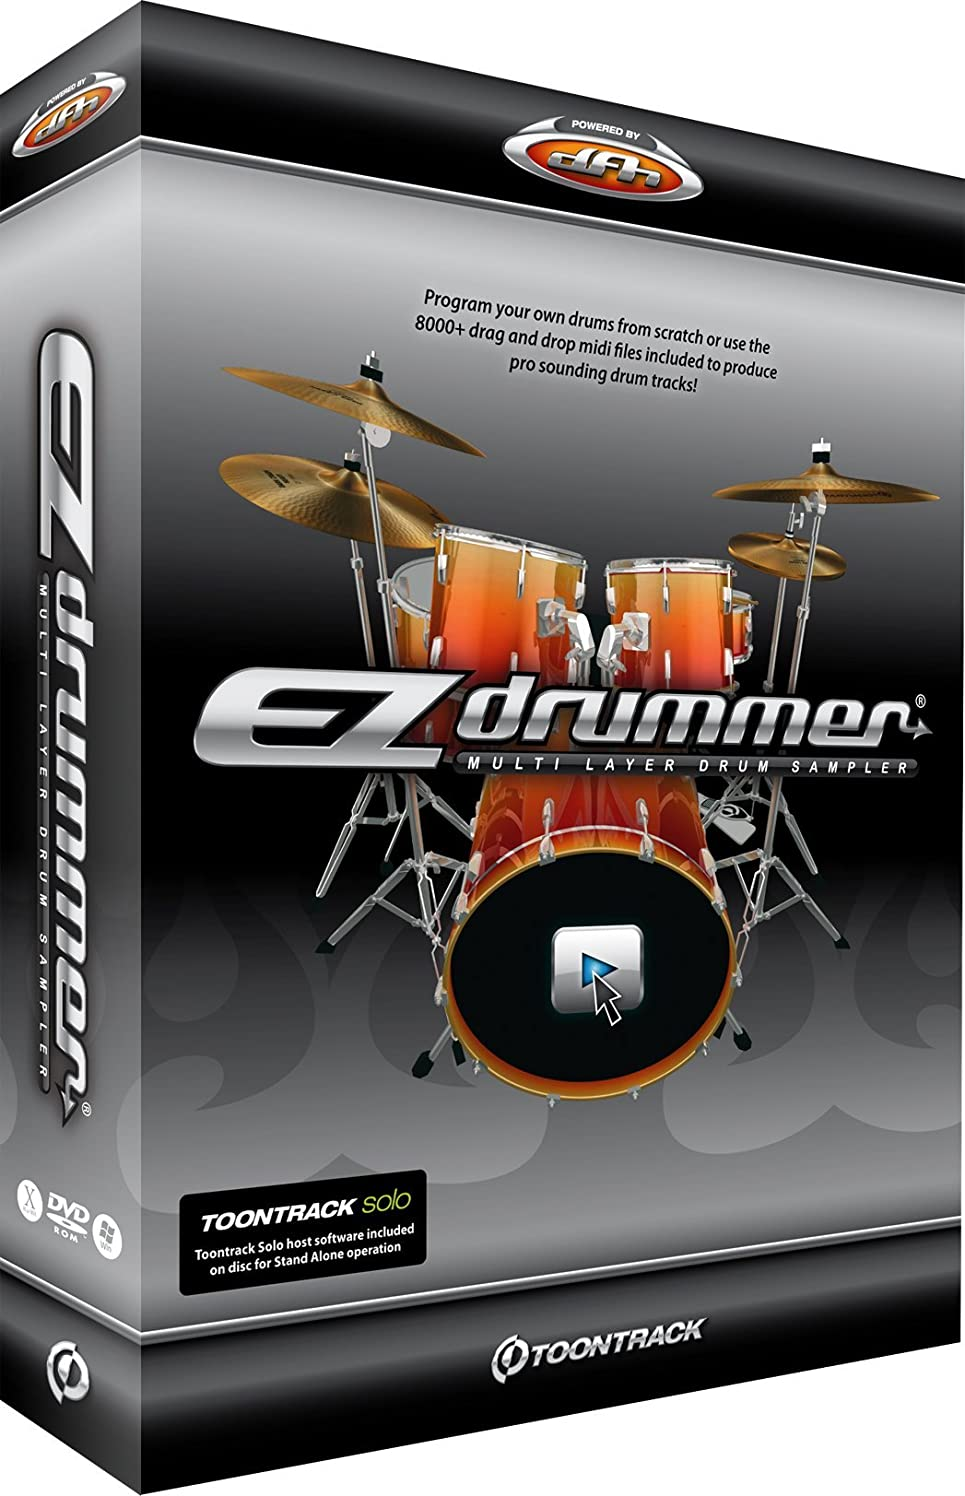 気をつけて拾うプライム『並行輸入品』Toontrack ◆EZ Drummer◆ドラム音源ノンパッケージ/ダウンロード形式